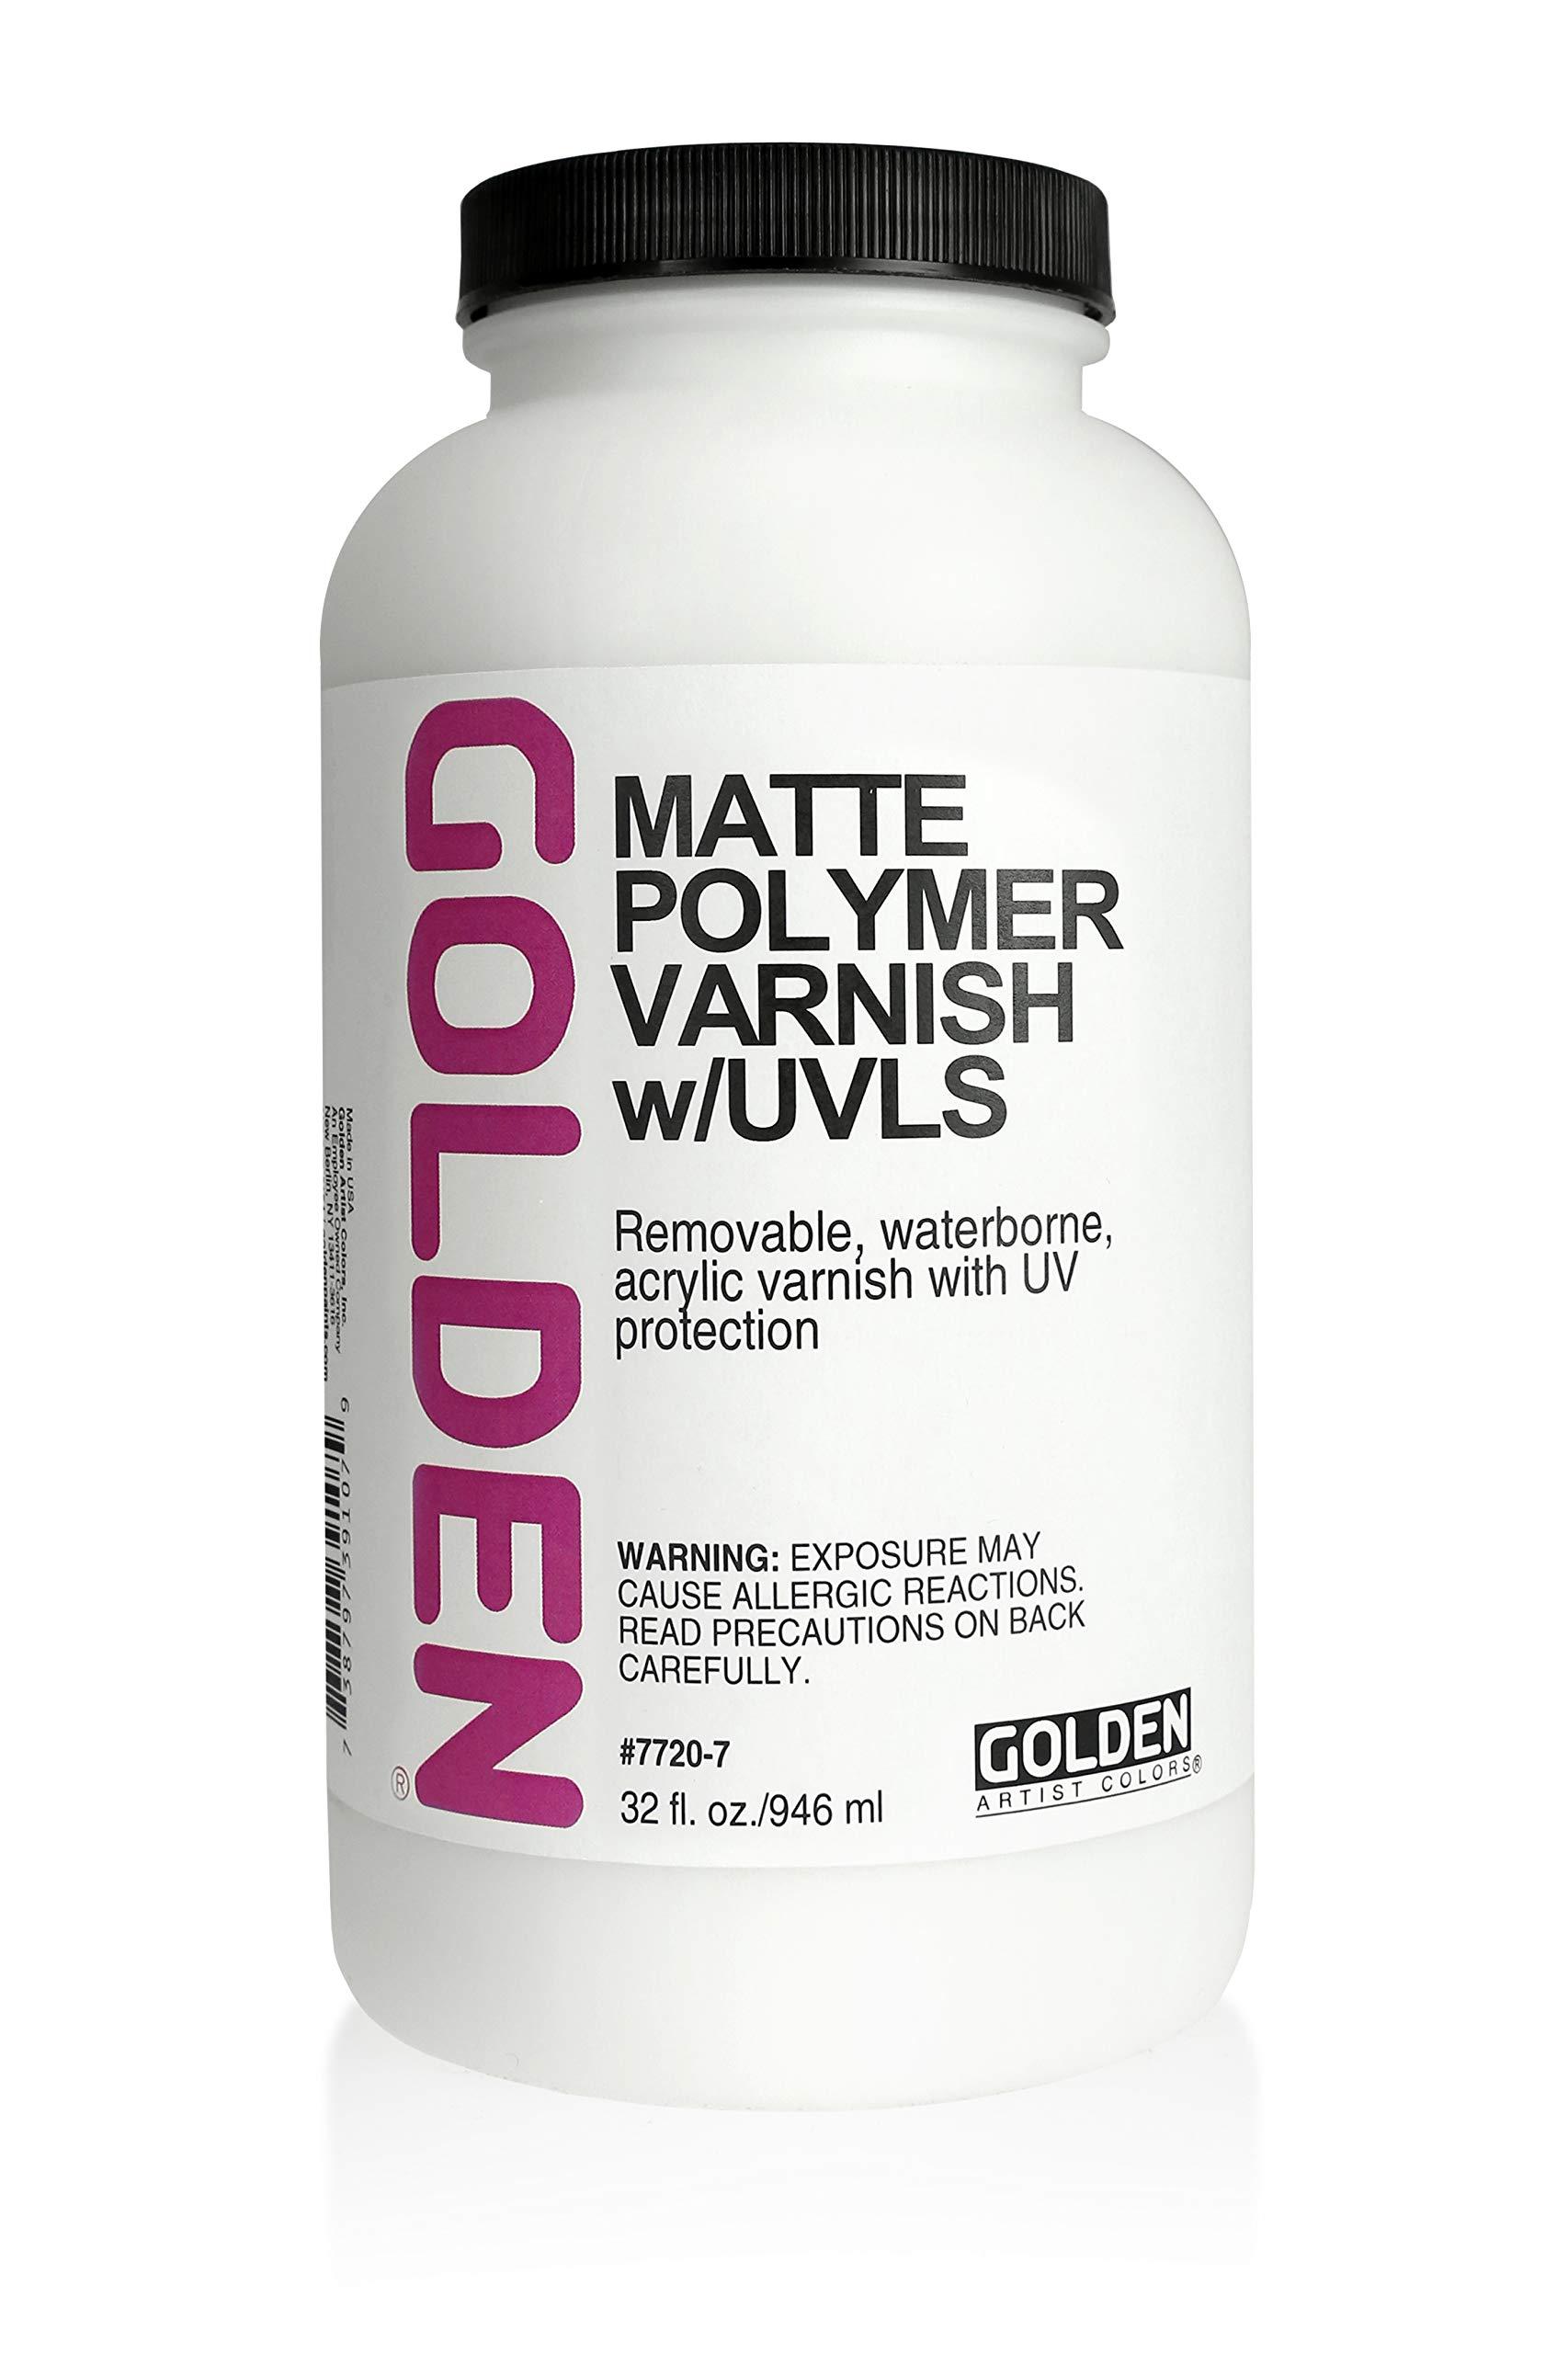 Golden Polymer Matte Varnish with UVLS - 32 oz Bottle by Golden Artist Colors